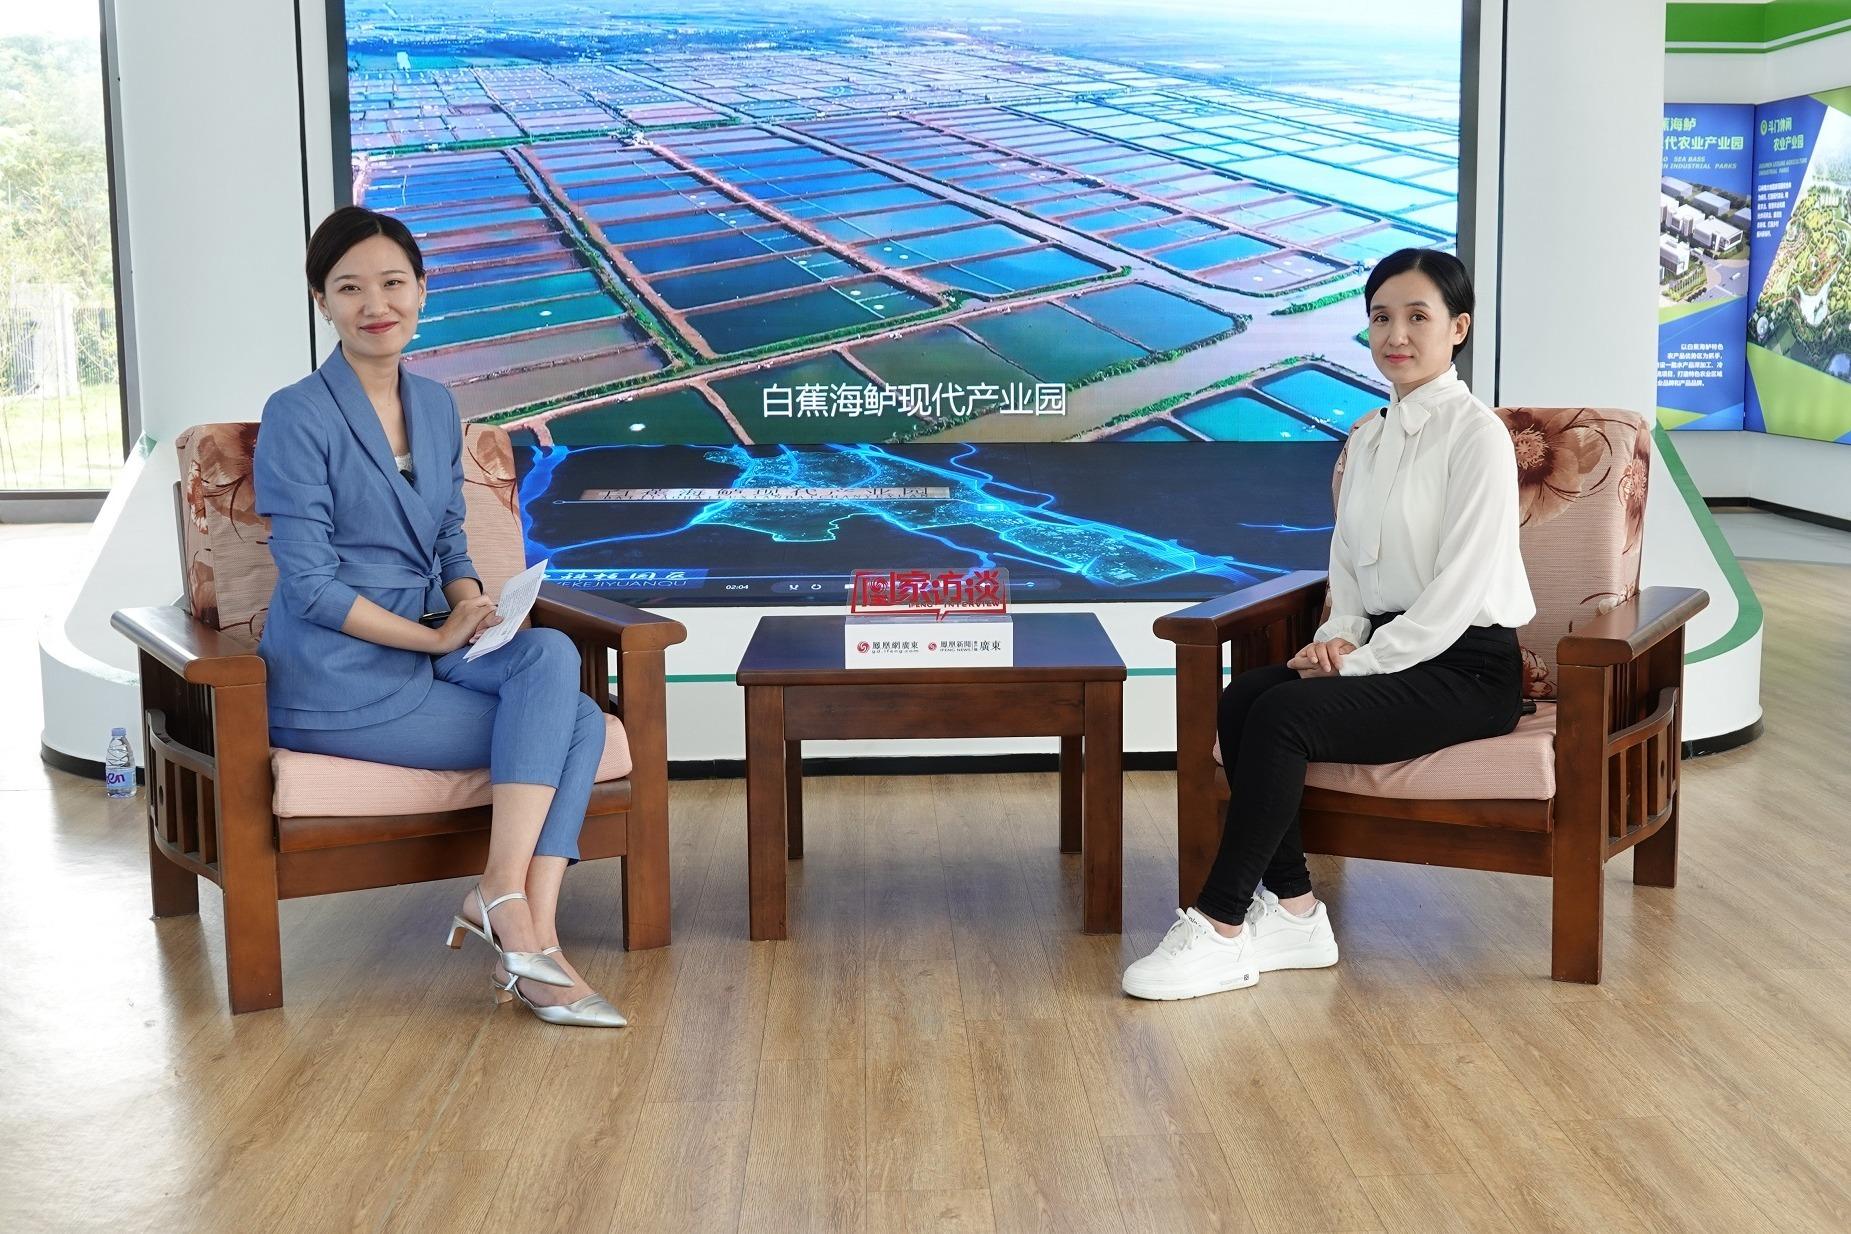 凰家访谈|石晓艳:加强科技创新 引领斗门农业高质量发展